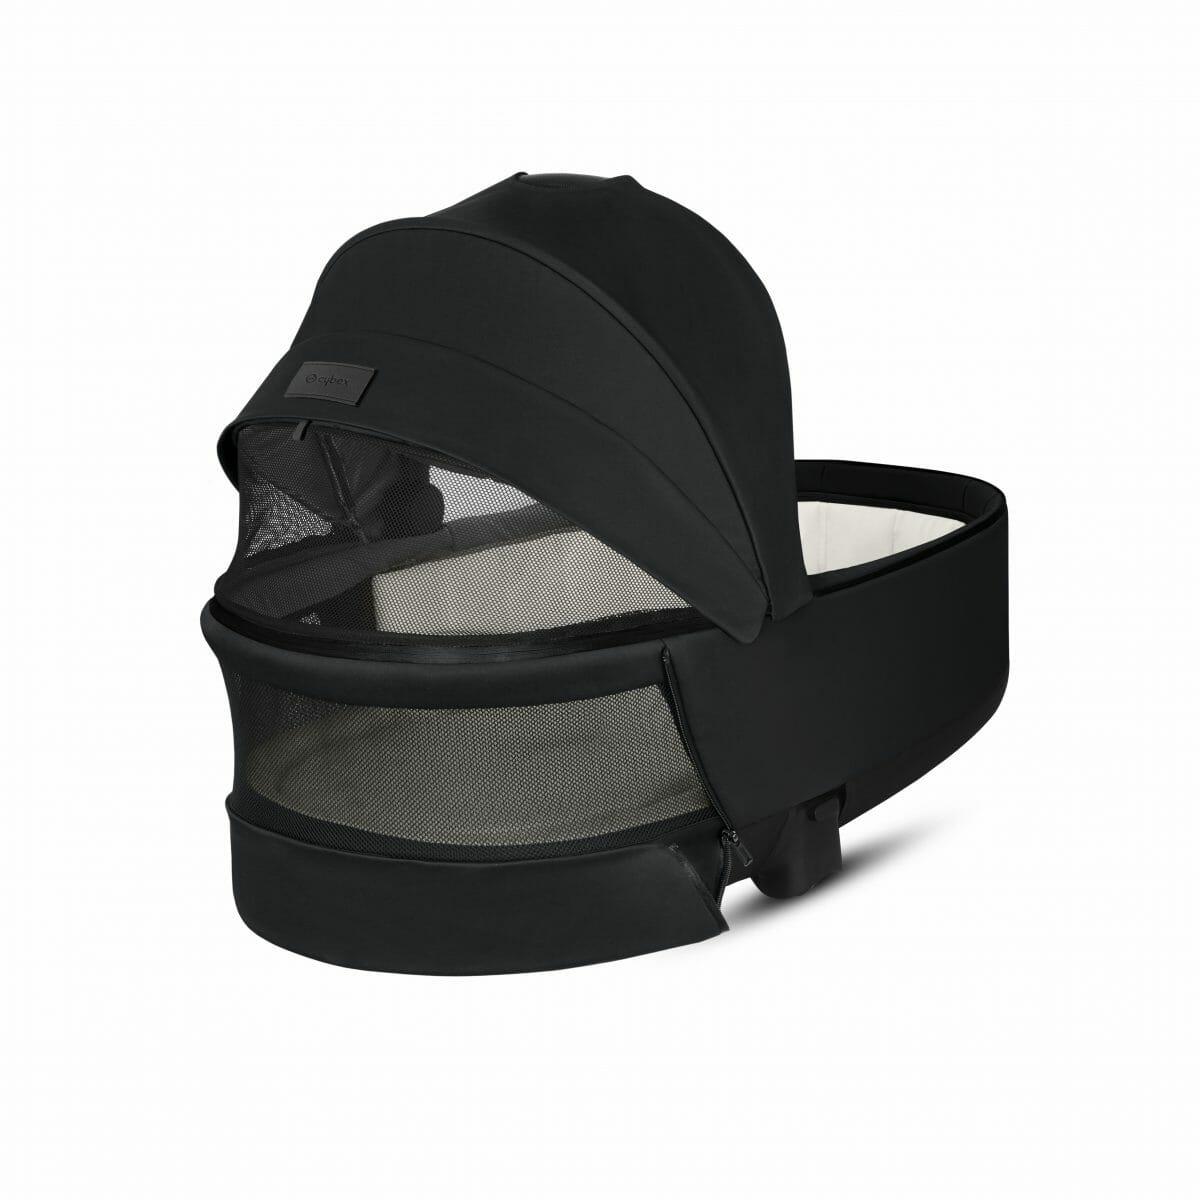 Carry Cot Black Air Flow